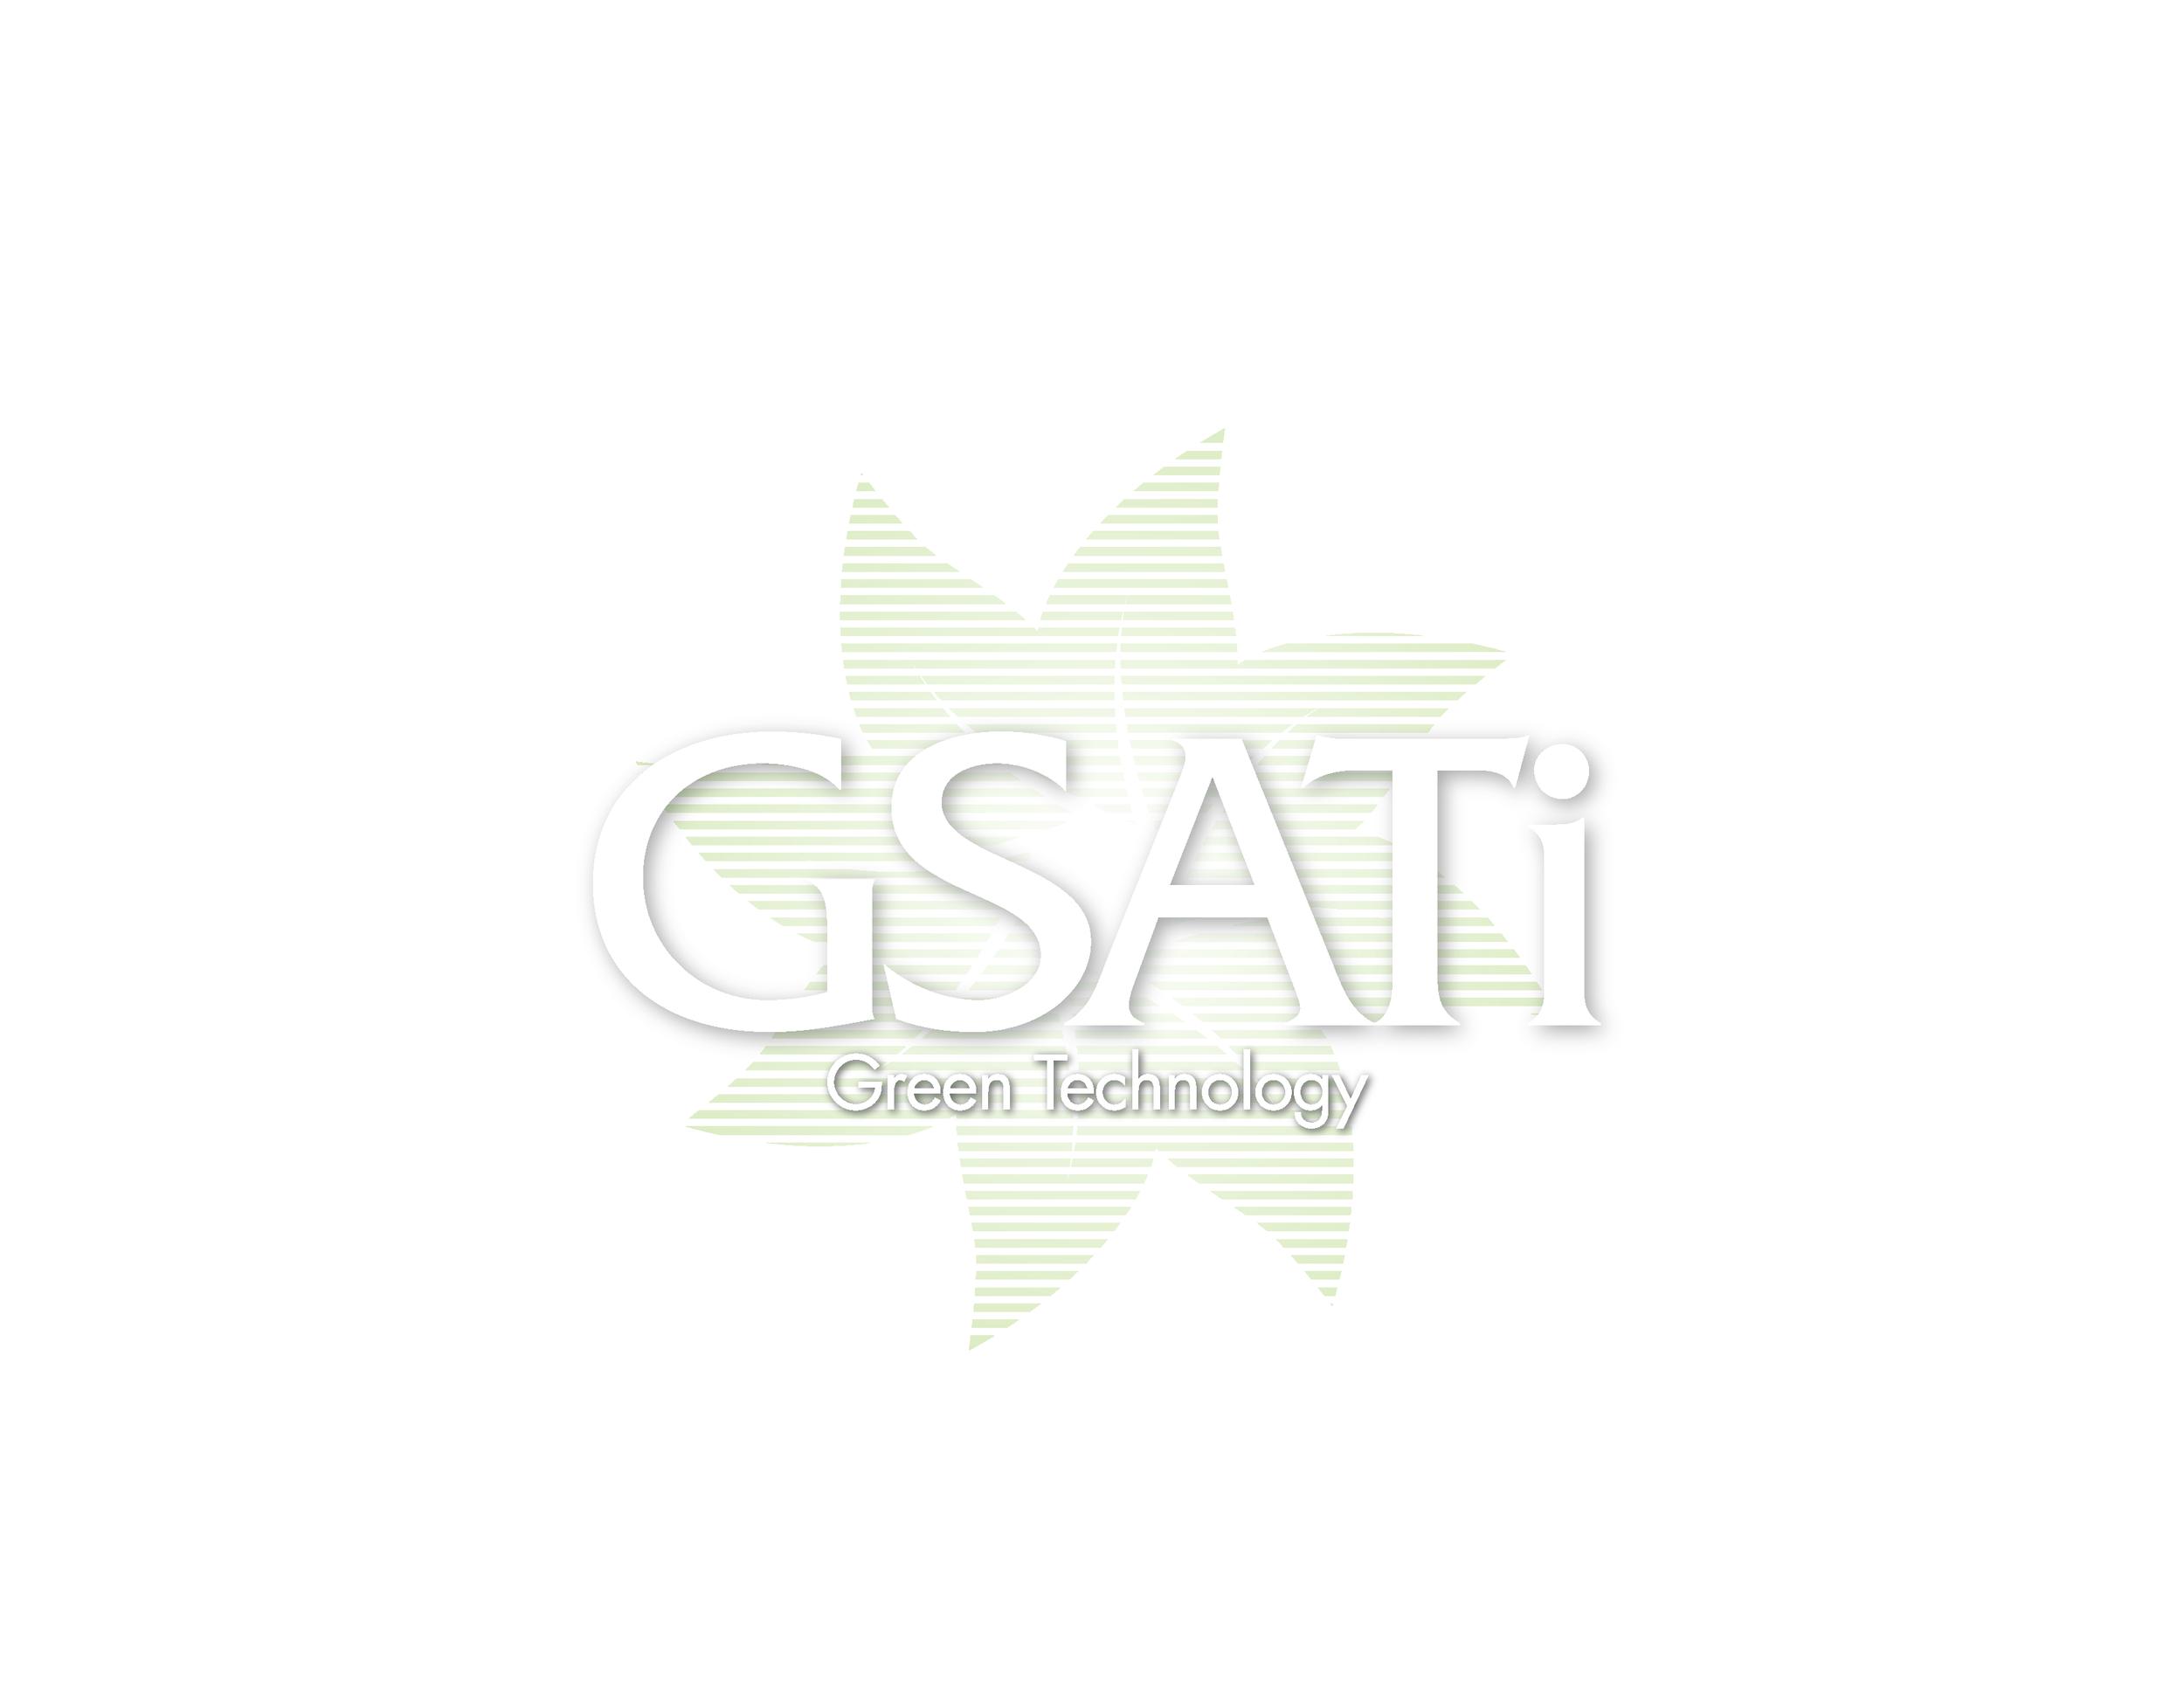 GSATi_logoGreenw.png